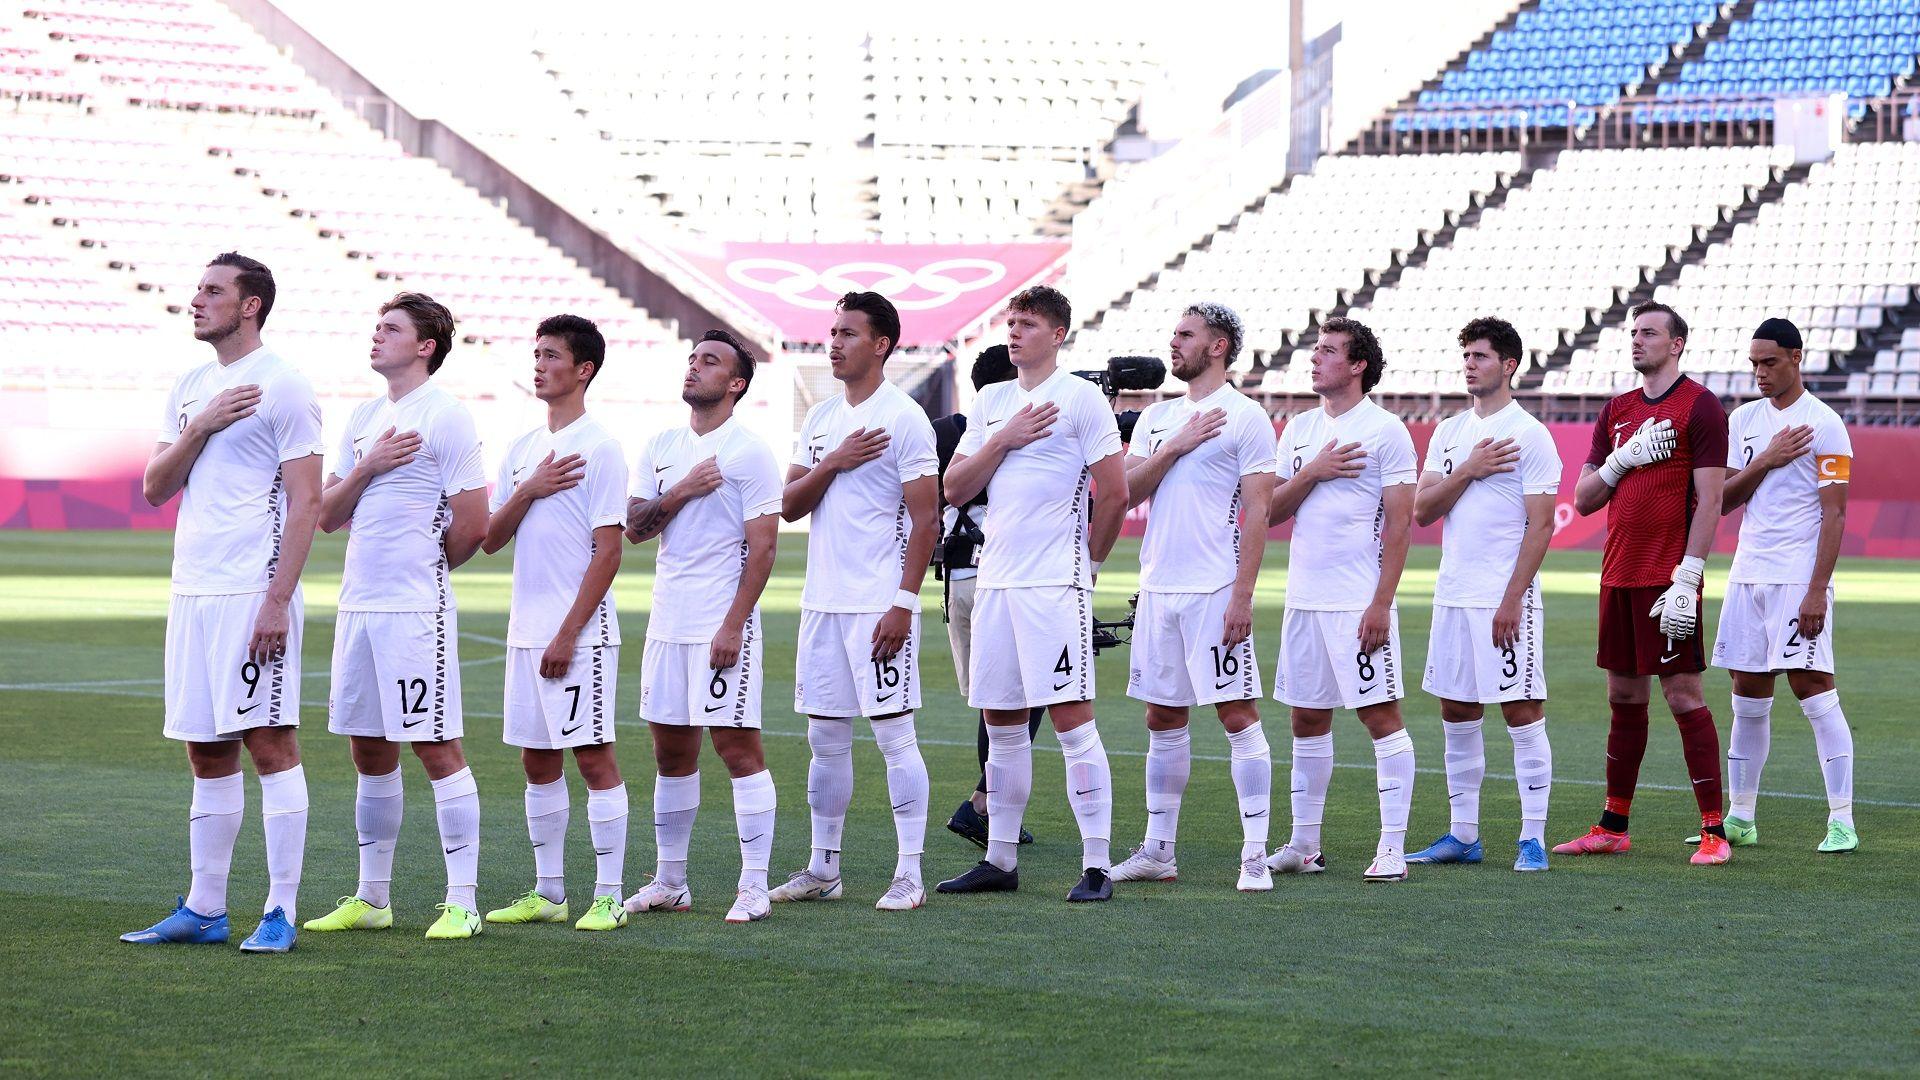 Национален отбор сменя прозвището си заради расово подразбиране?